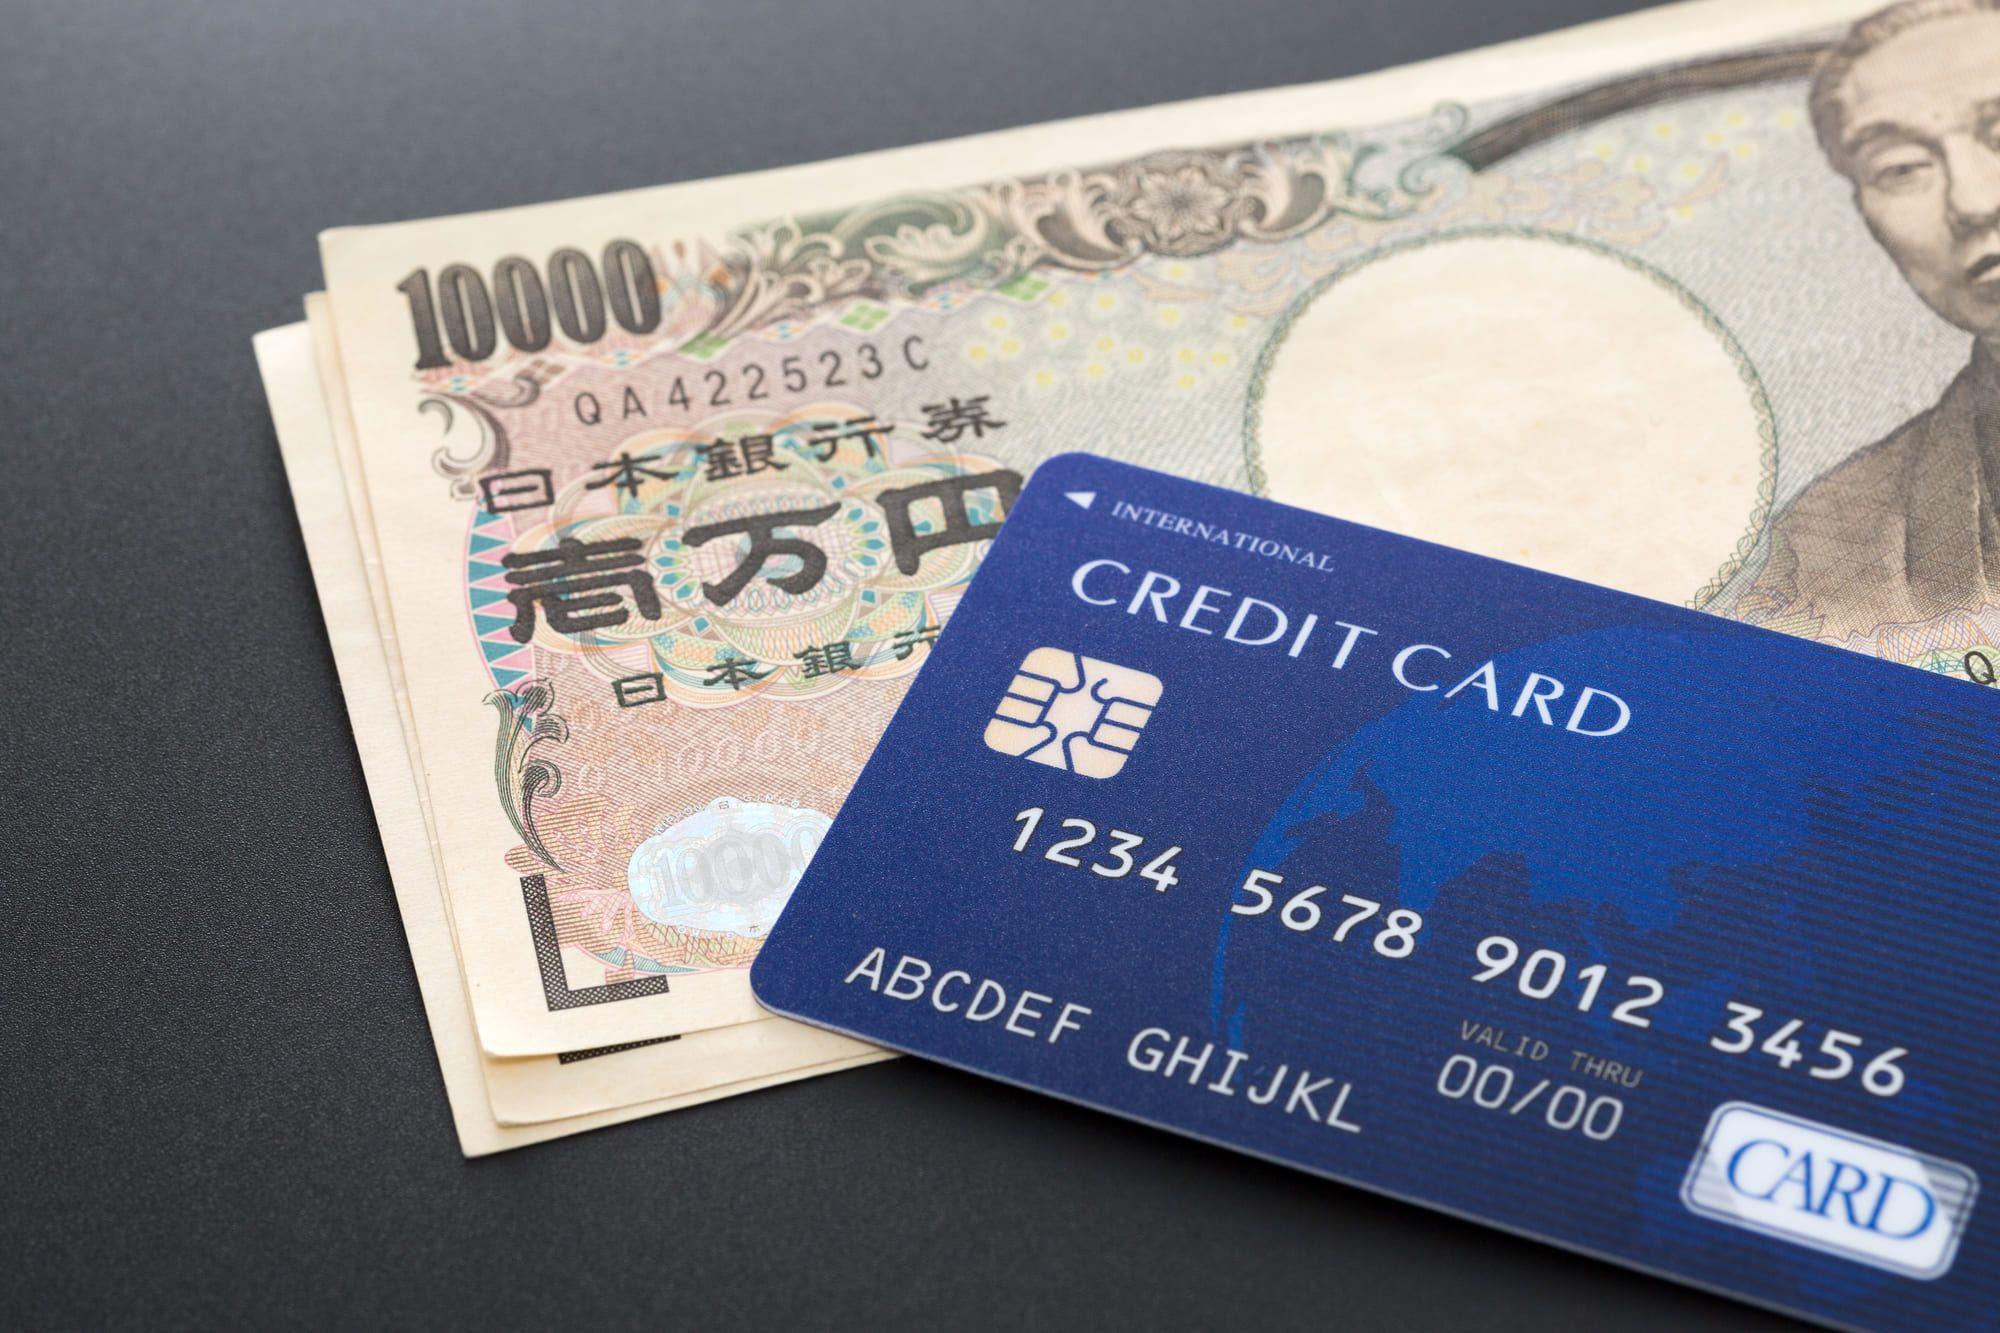 クレジットカードと万札